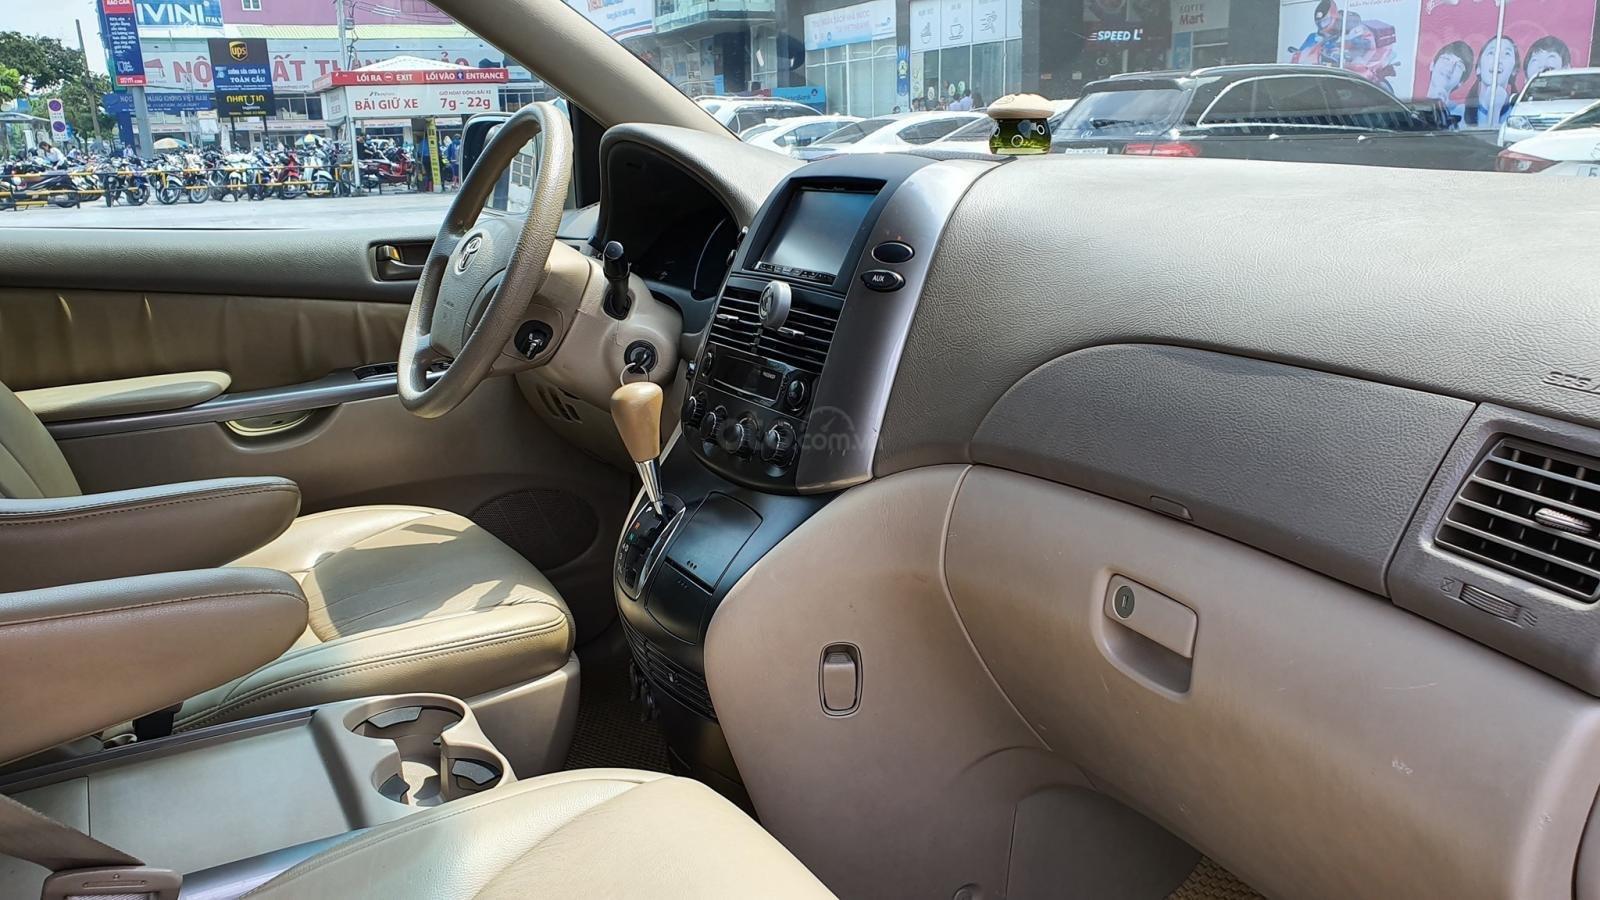 Cần bán xe Toyota Sienna LE 3.5 sản xuất 2008 màu vàng, nhập khẩu (7)